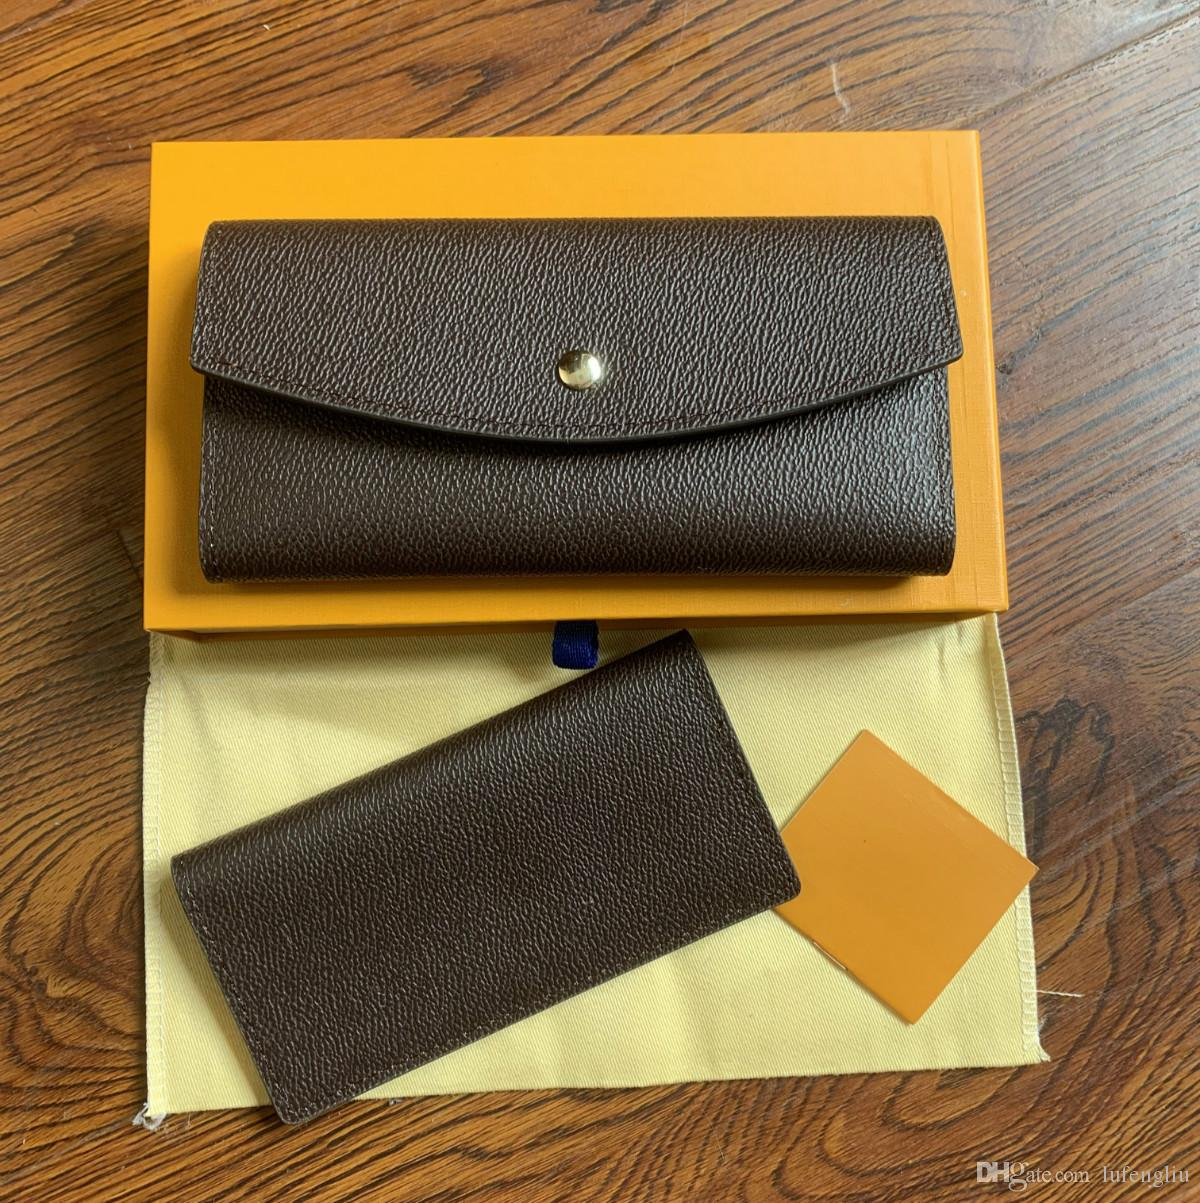 NOVO France Designer Mulheres Long cheques Cartão da carteira de crédito Foto Wallet Titular Brown Mono Gram Branco Checkered lona de couro grátis